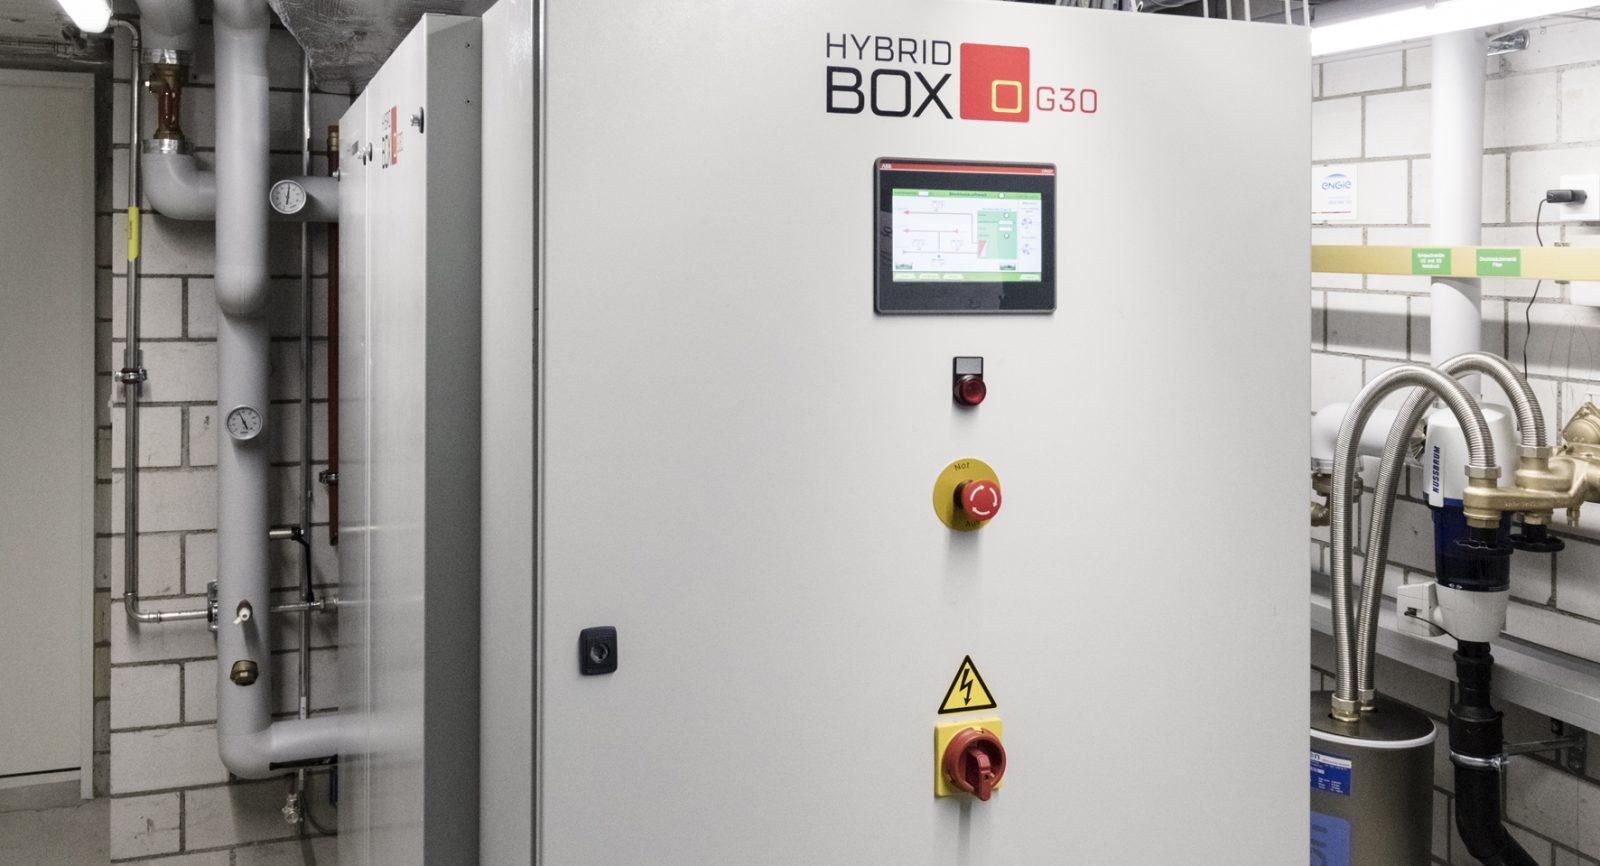 L'Hybridbox comprend la pompe à chaleur, la PCCE, la récupération de chaleur et le système de contrôle; elle est aujourd'hui disponible en trois niveaux de puissance pour différentes tailles de bâtiment.